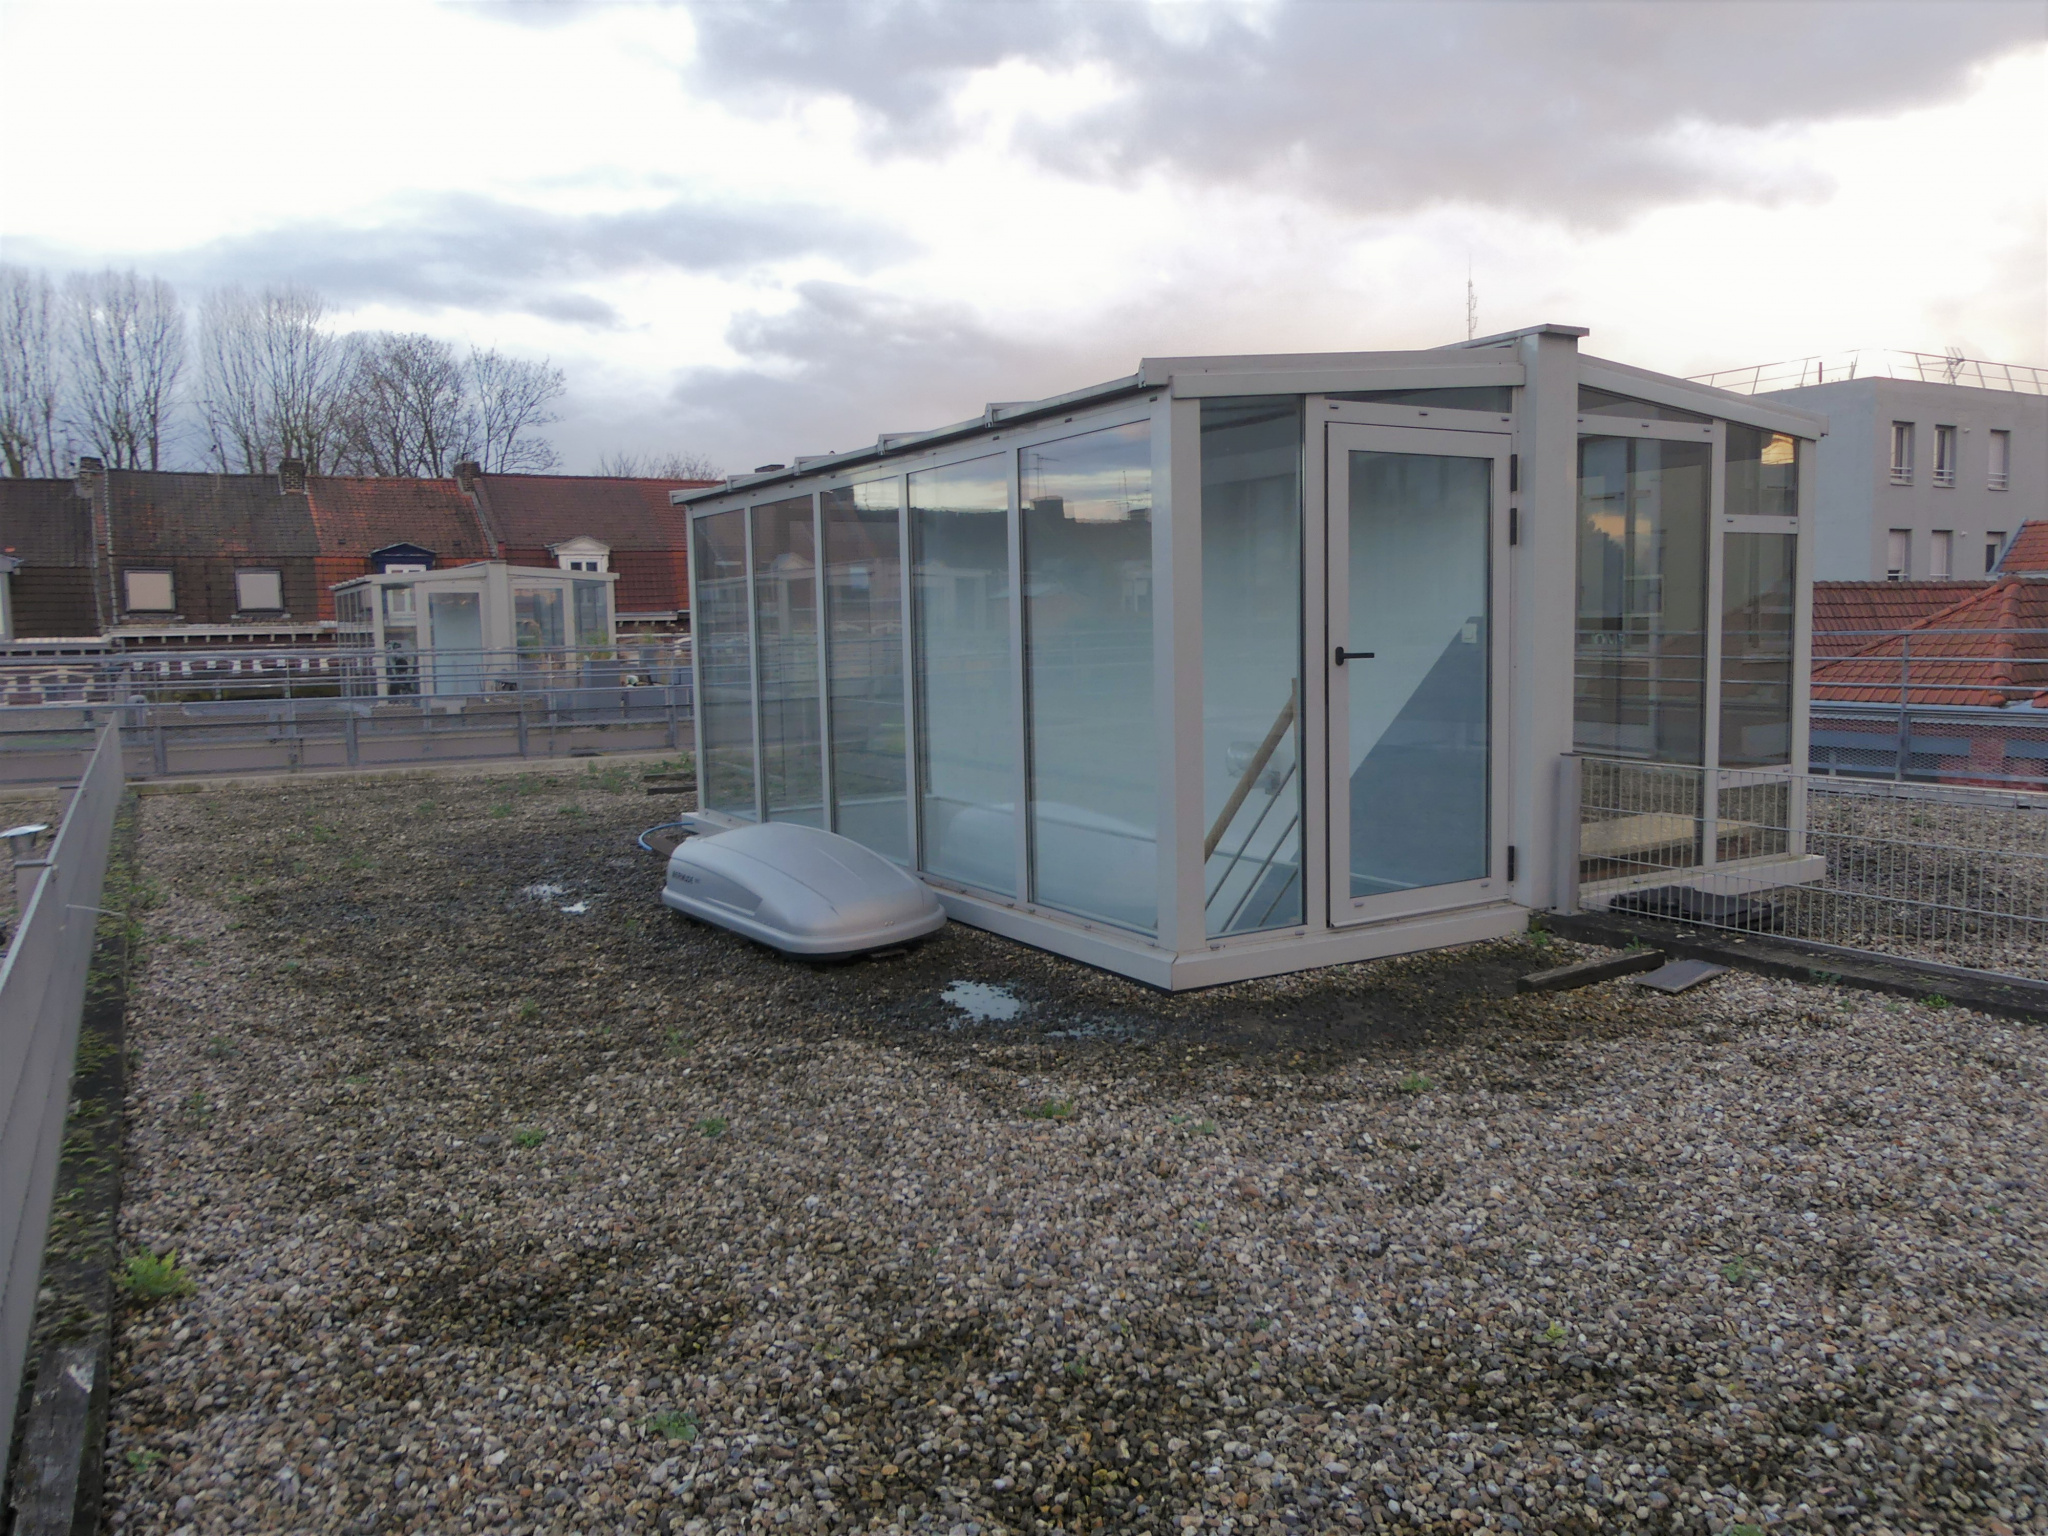 Allee De Garage A Moindre Cout loft 105m² 2/3 chambres avec terrasse et roof top !